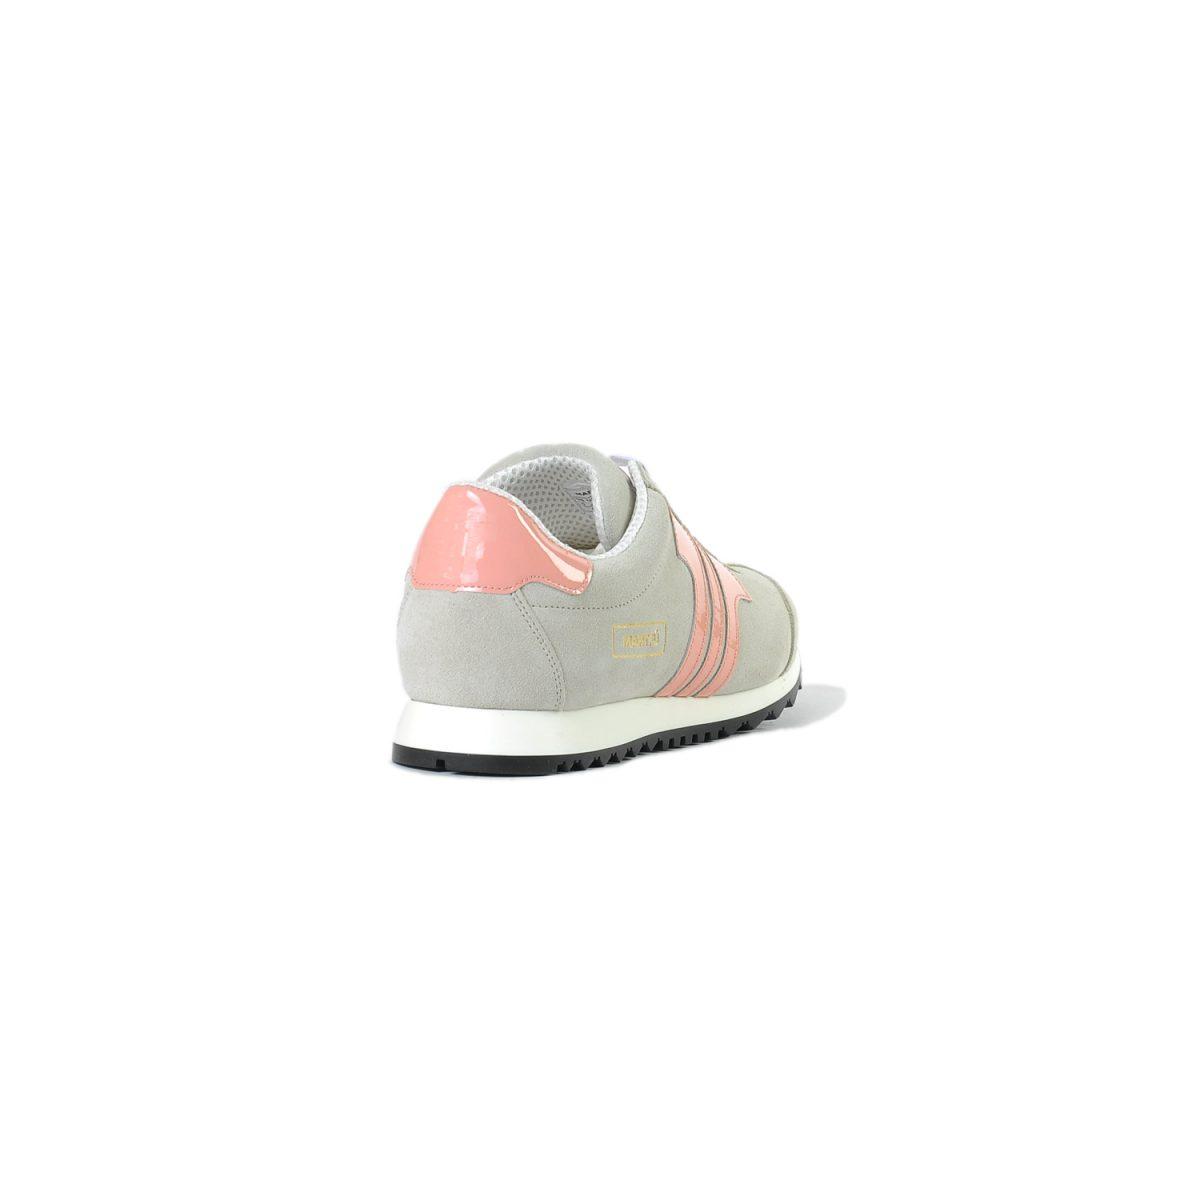 Tisza shoes - Martfű - Off white-powder